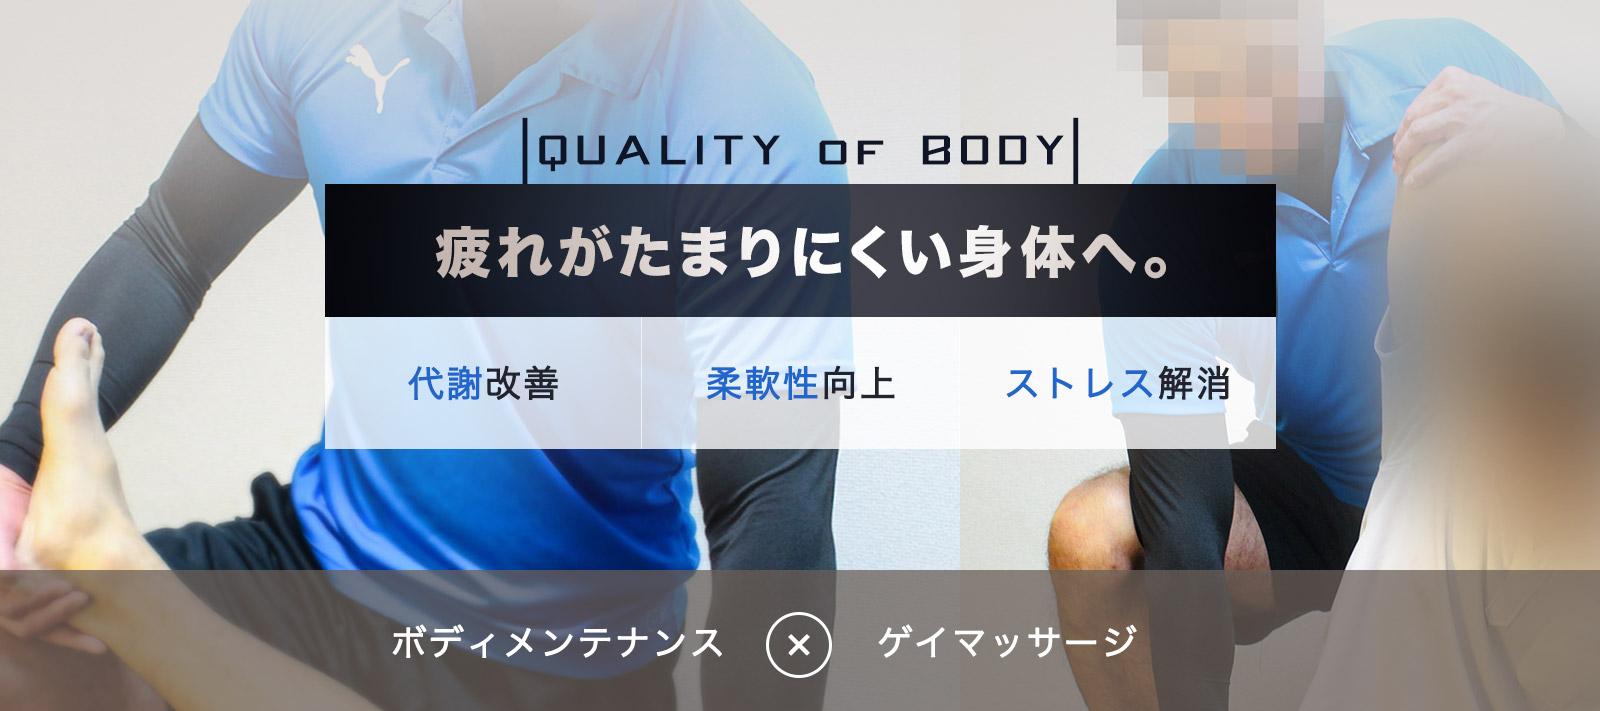 札幌ゲイマッサージ QUALITY of BODY